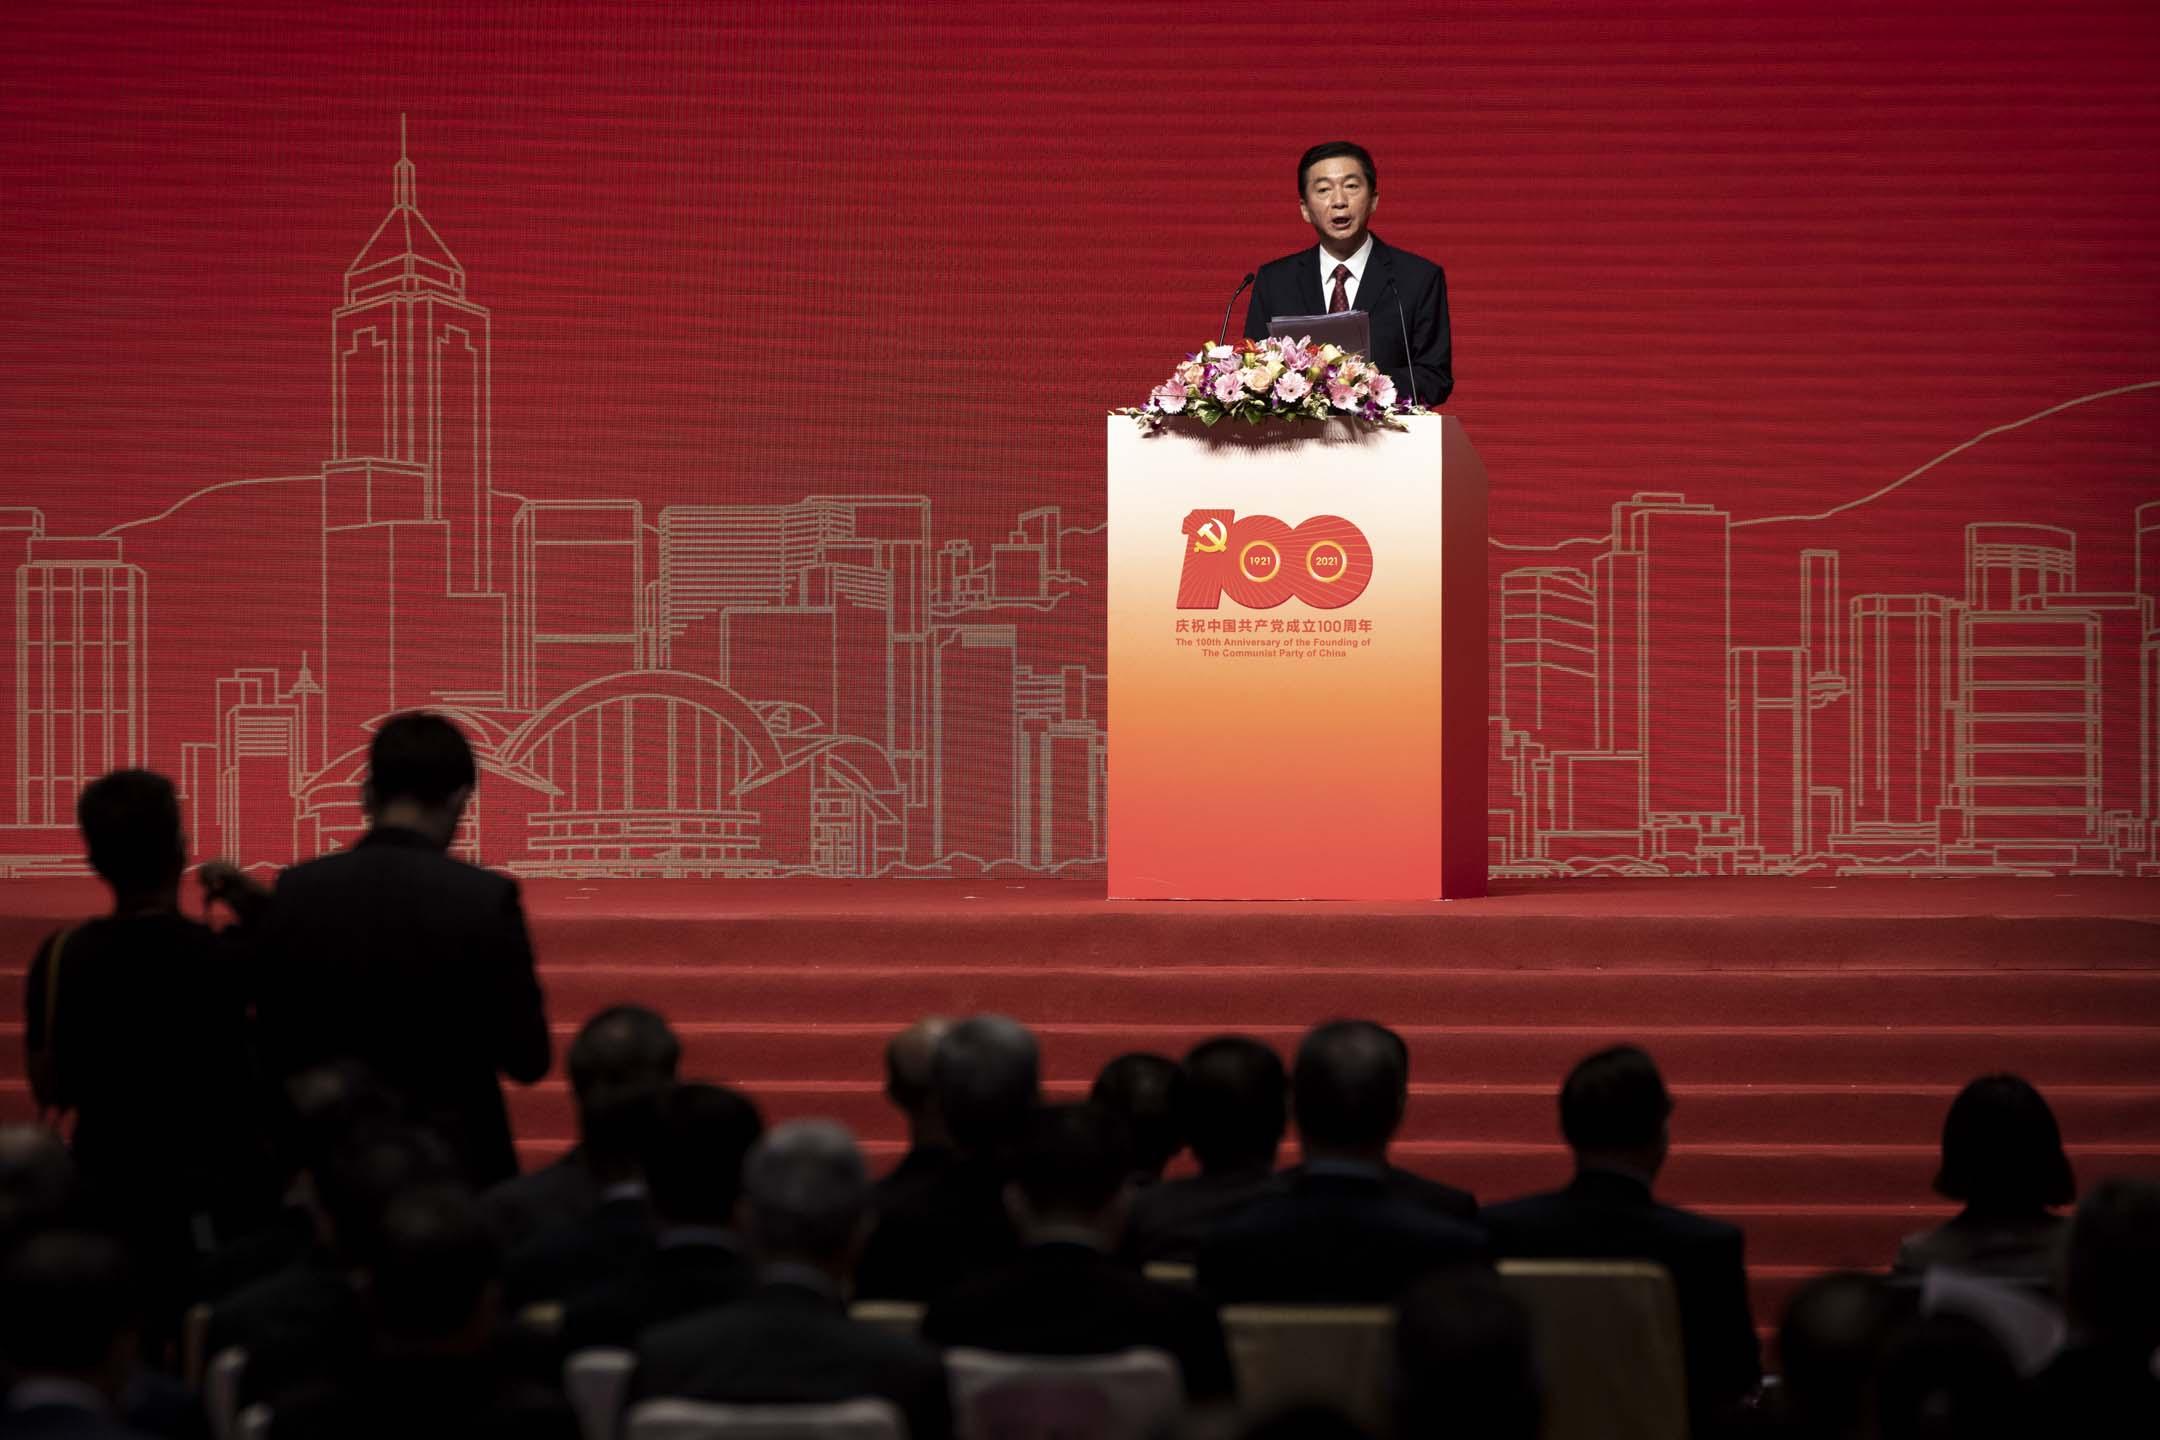 2021年6月12日,中聯辦主任駱惠寧在「中國共產黨和一國兩制」論壇發表了一篇題為《百年偉業的「香江篇章」》的演講。   圖:端傳媒